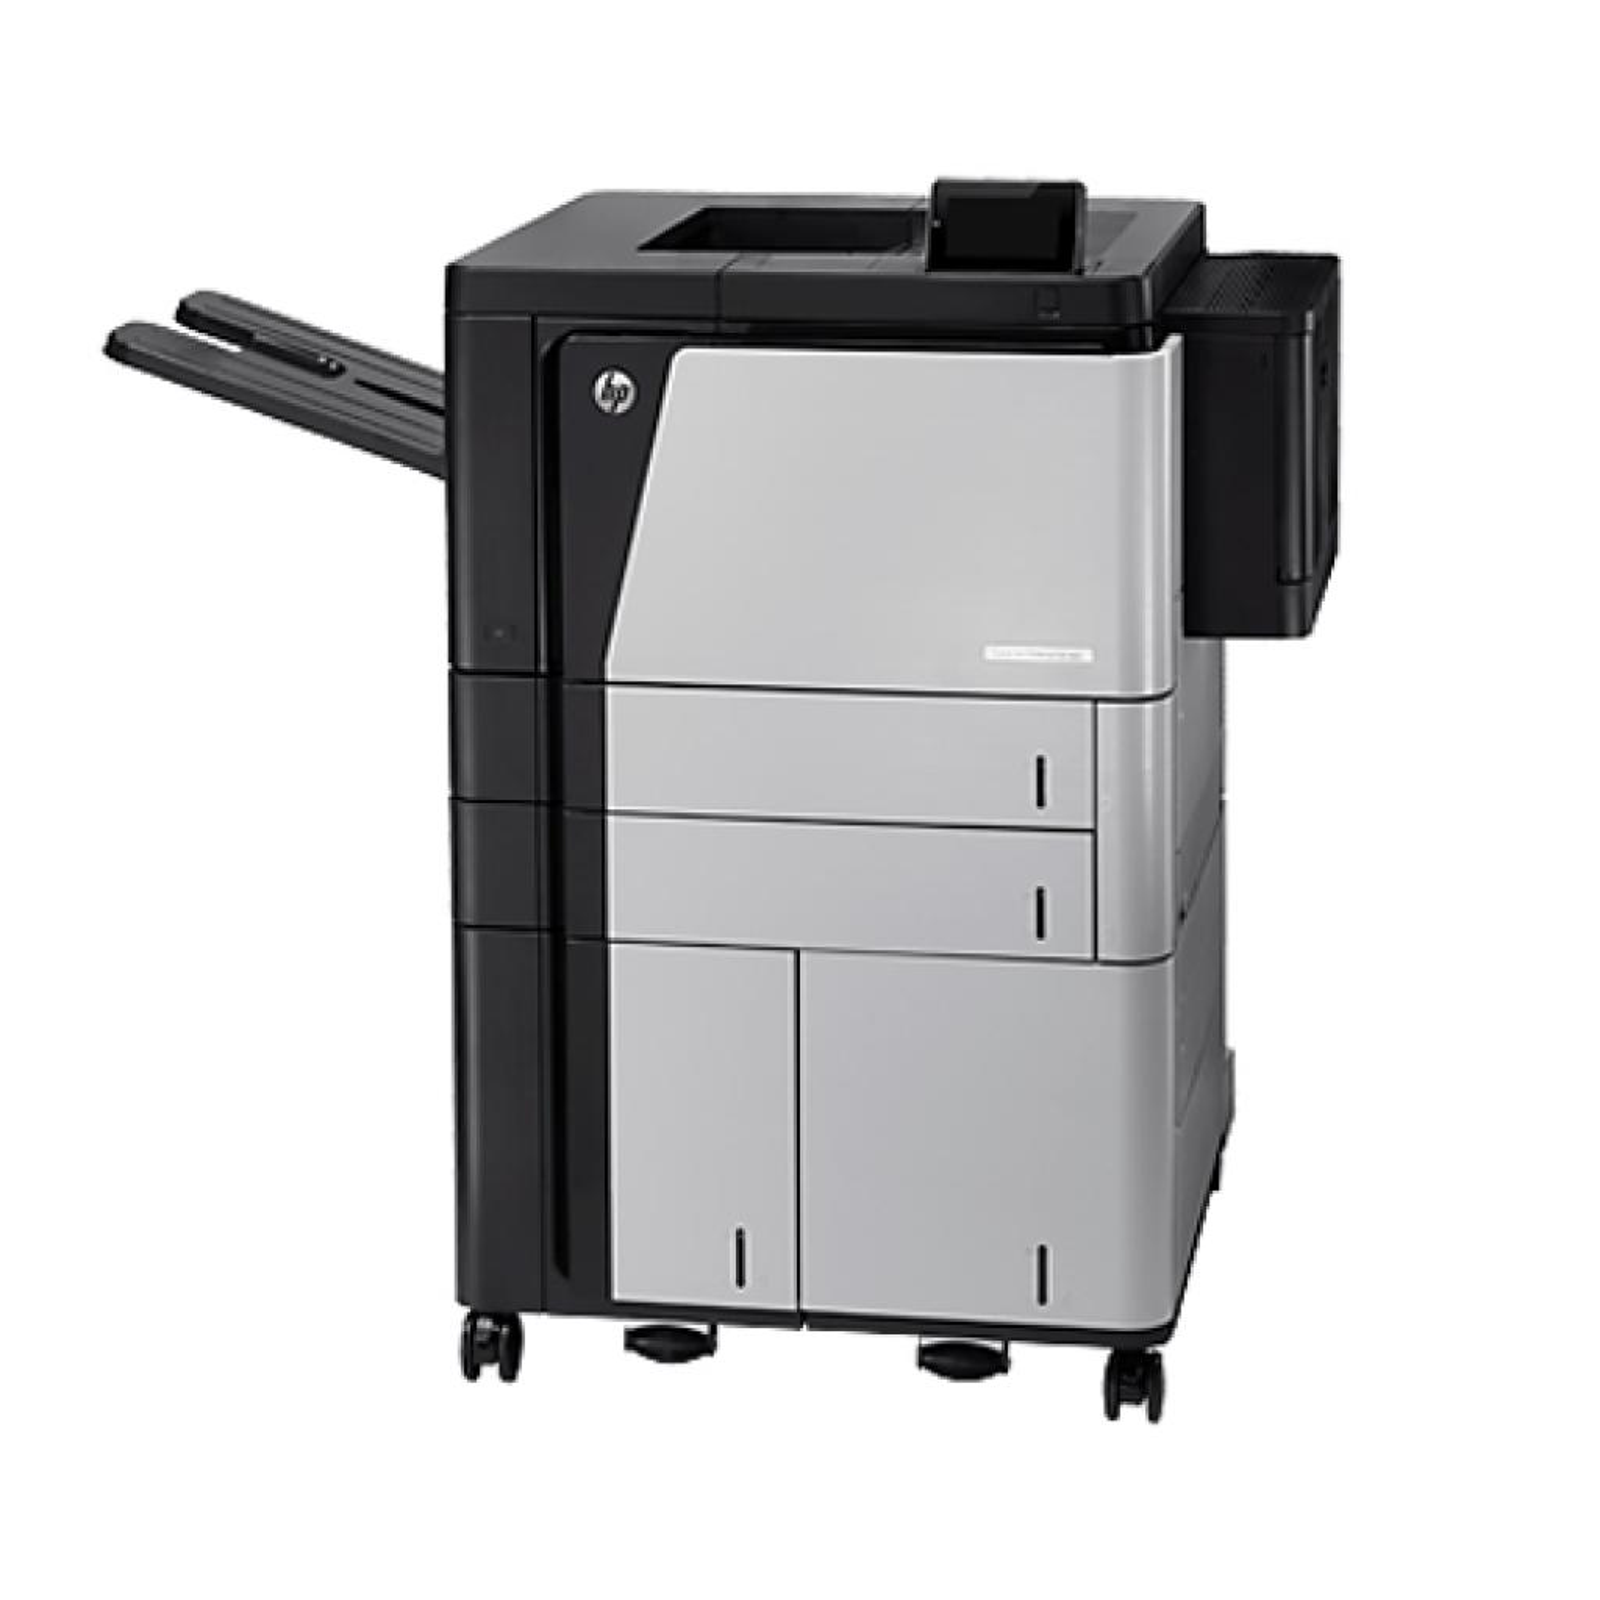 Лазерный принтер HP LaserJet Enterprise M806x+NFC (D7P69A) изображение 2